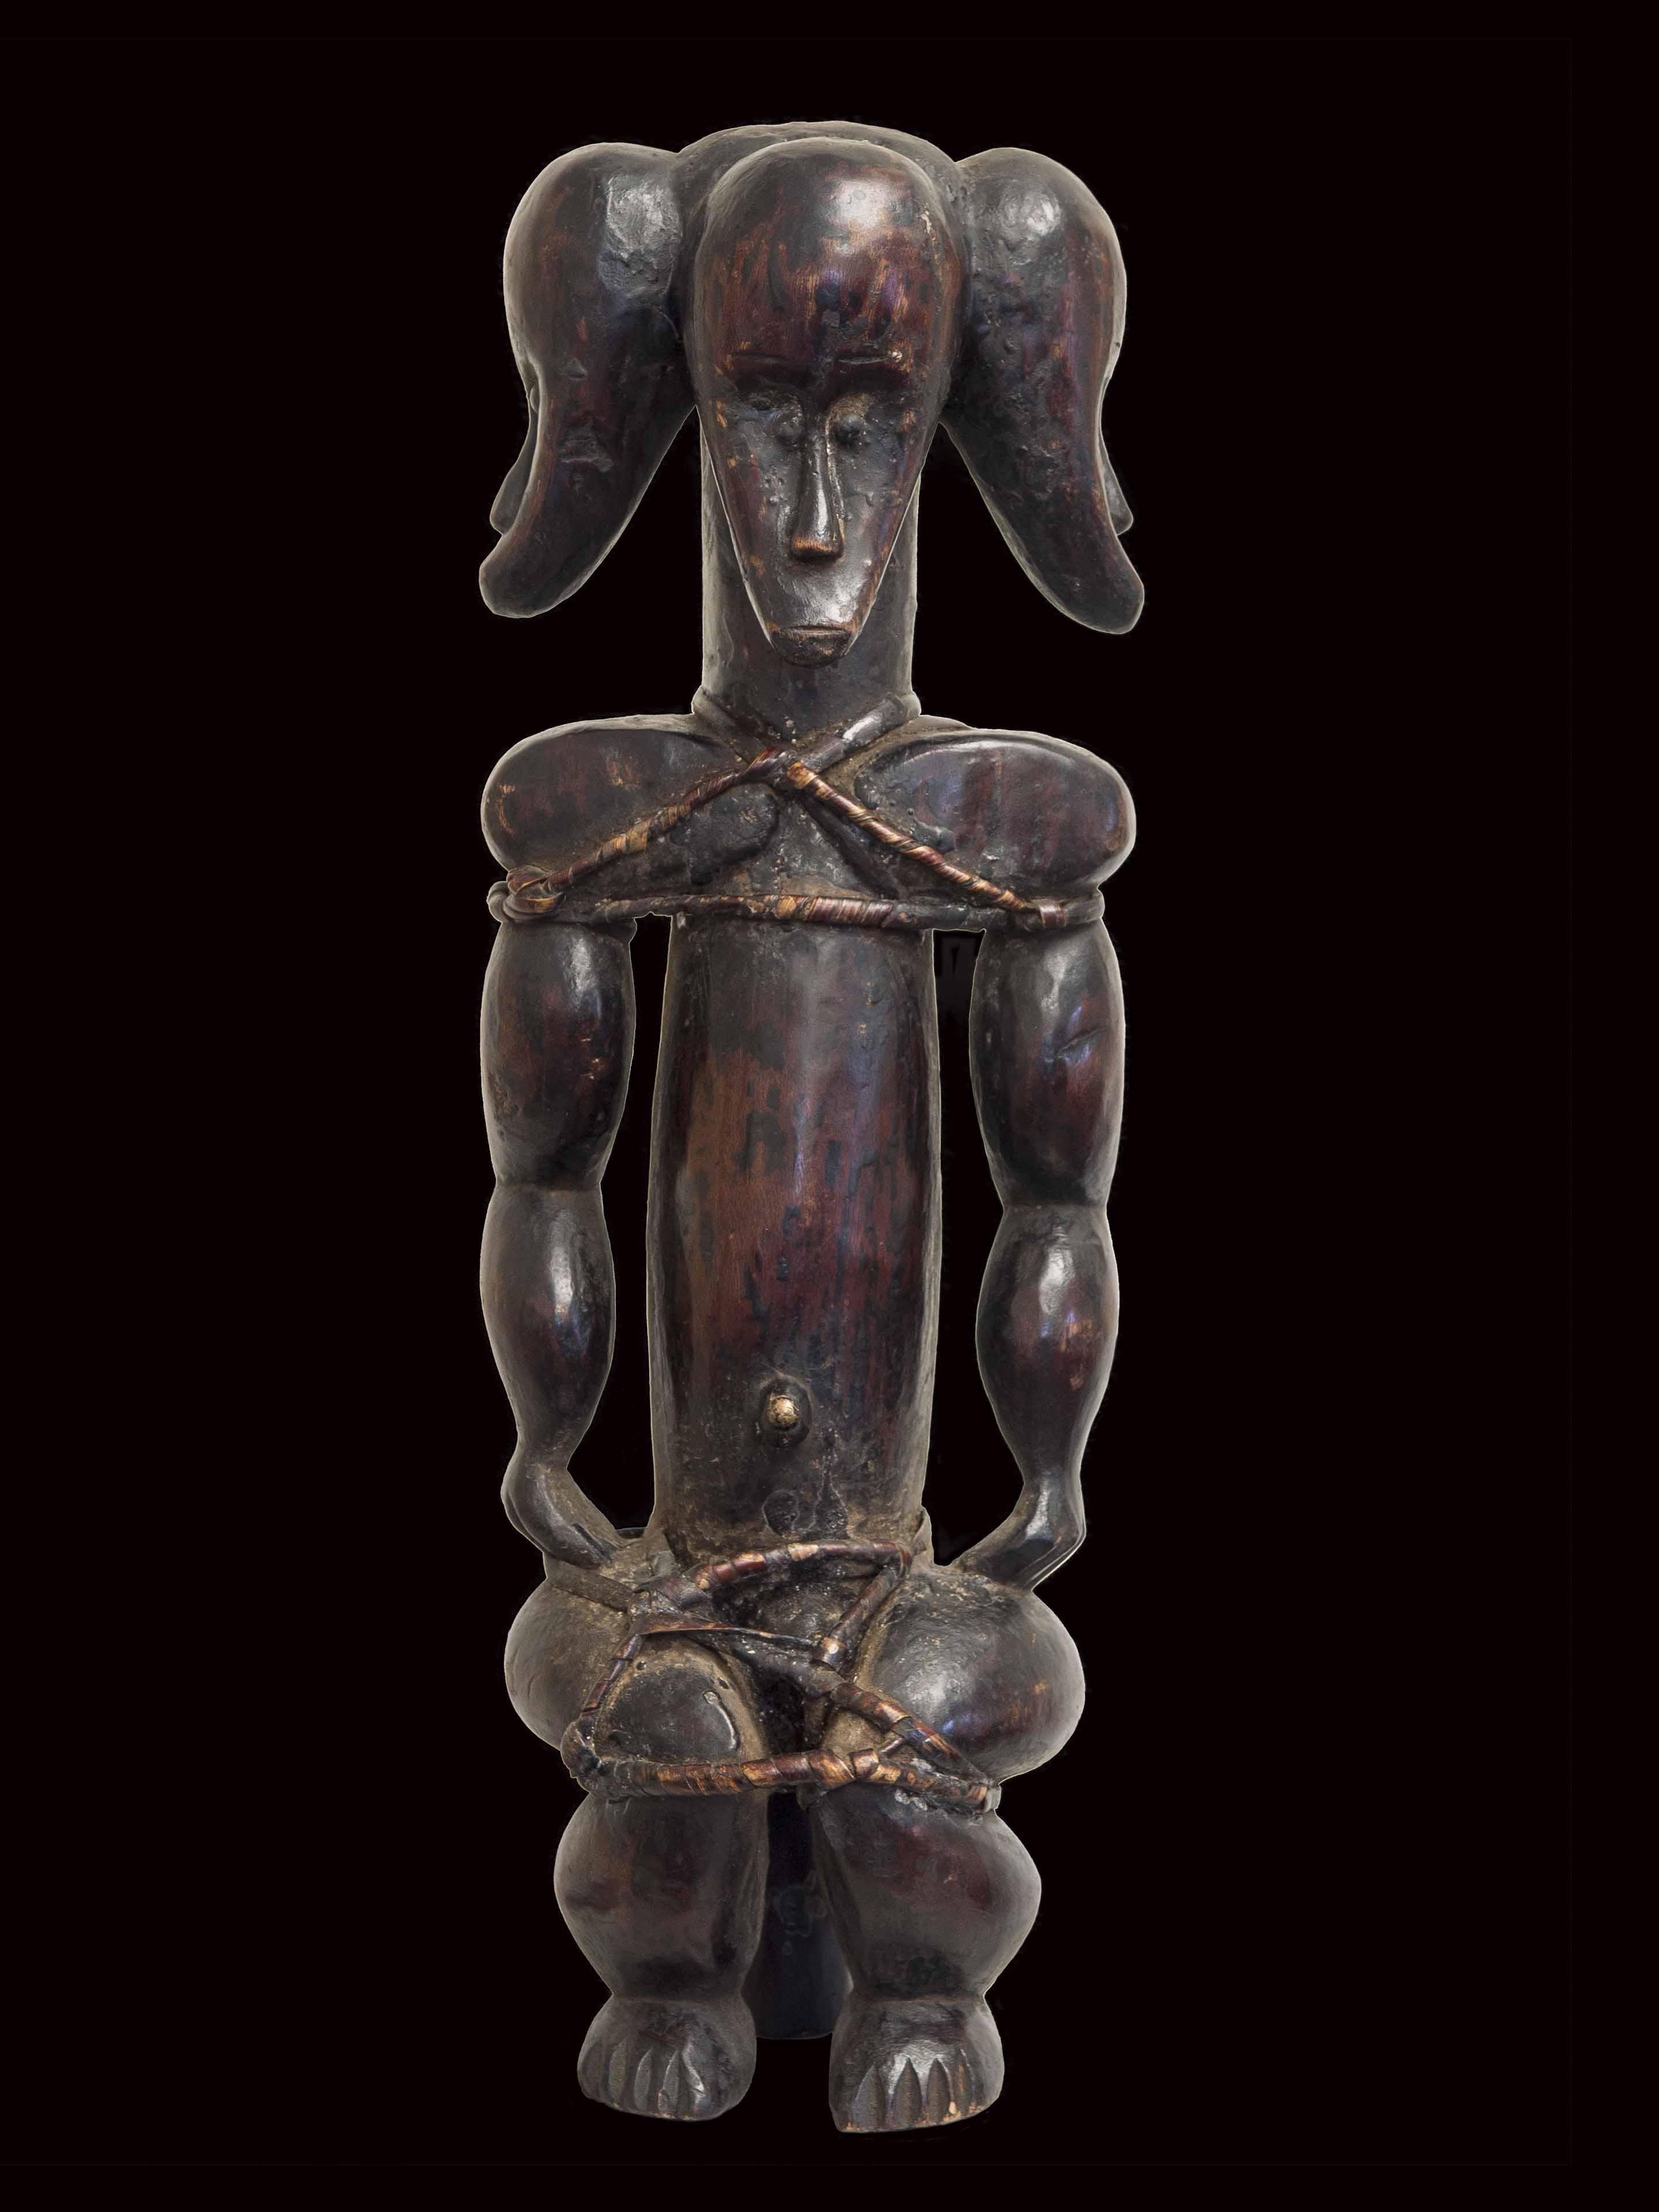 figure-fang-gabon-blk-2140037-2.jpg